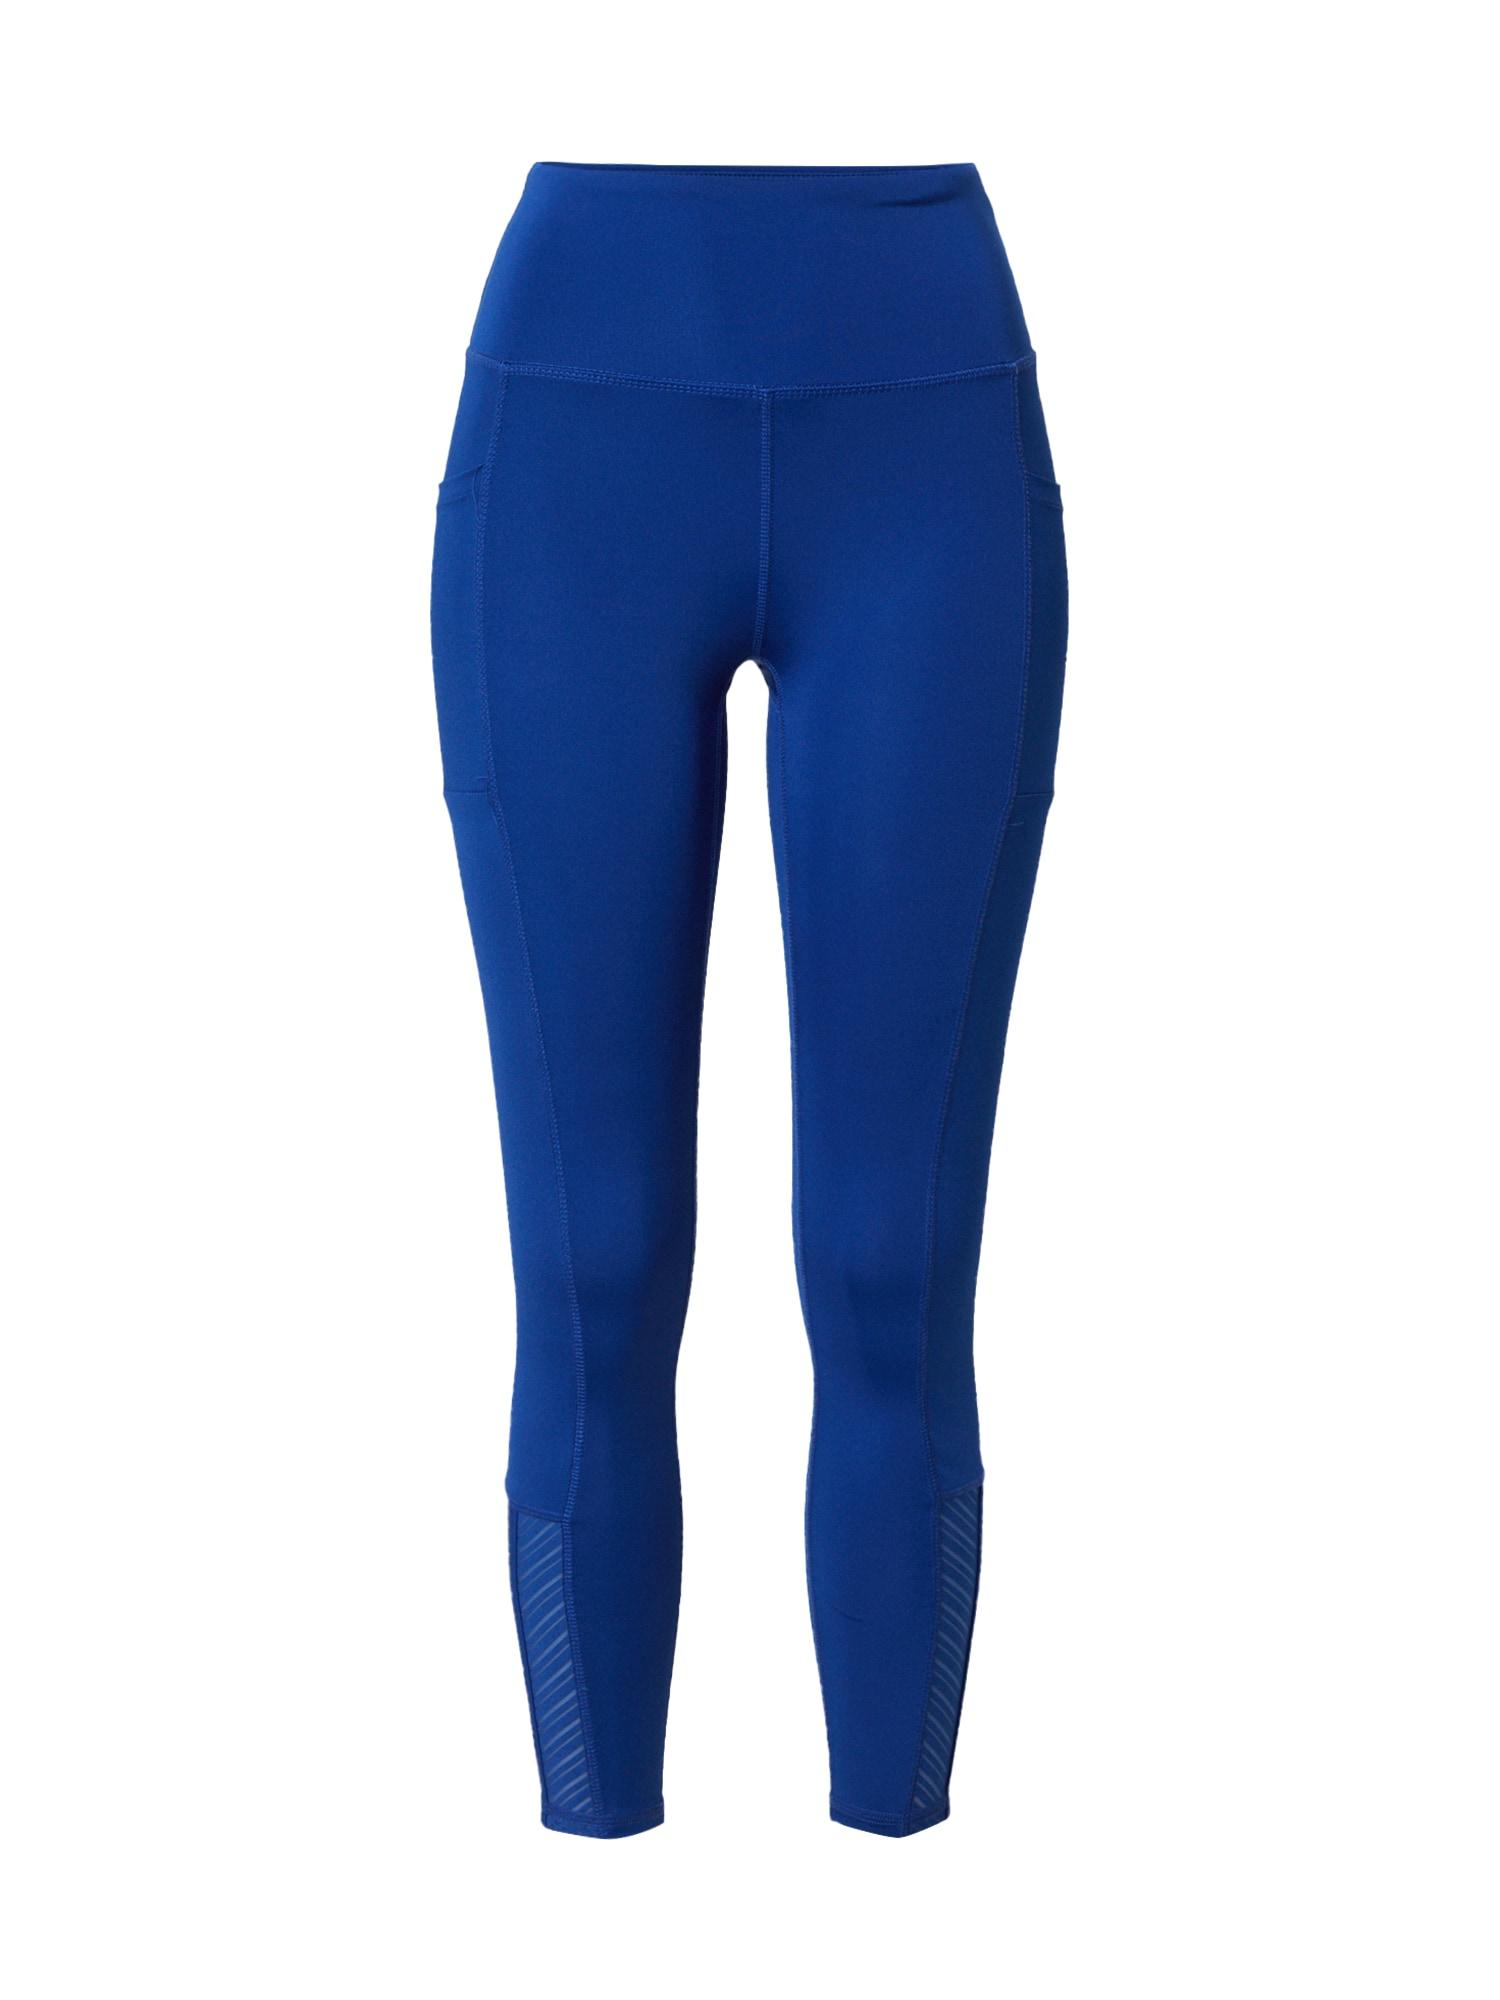 Bally Sportinės kelnės mėlyna